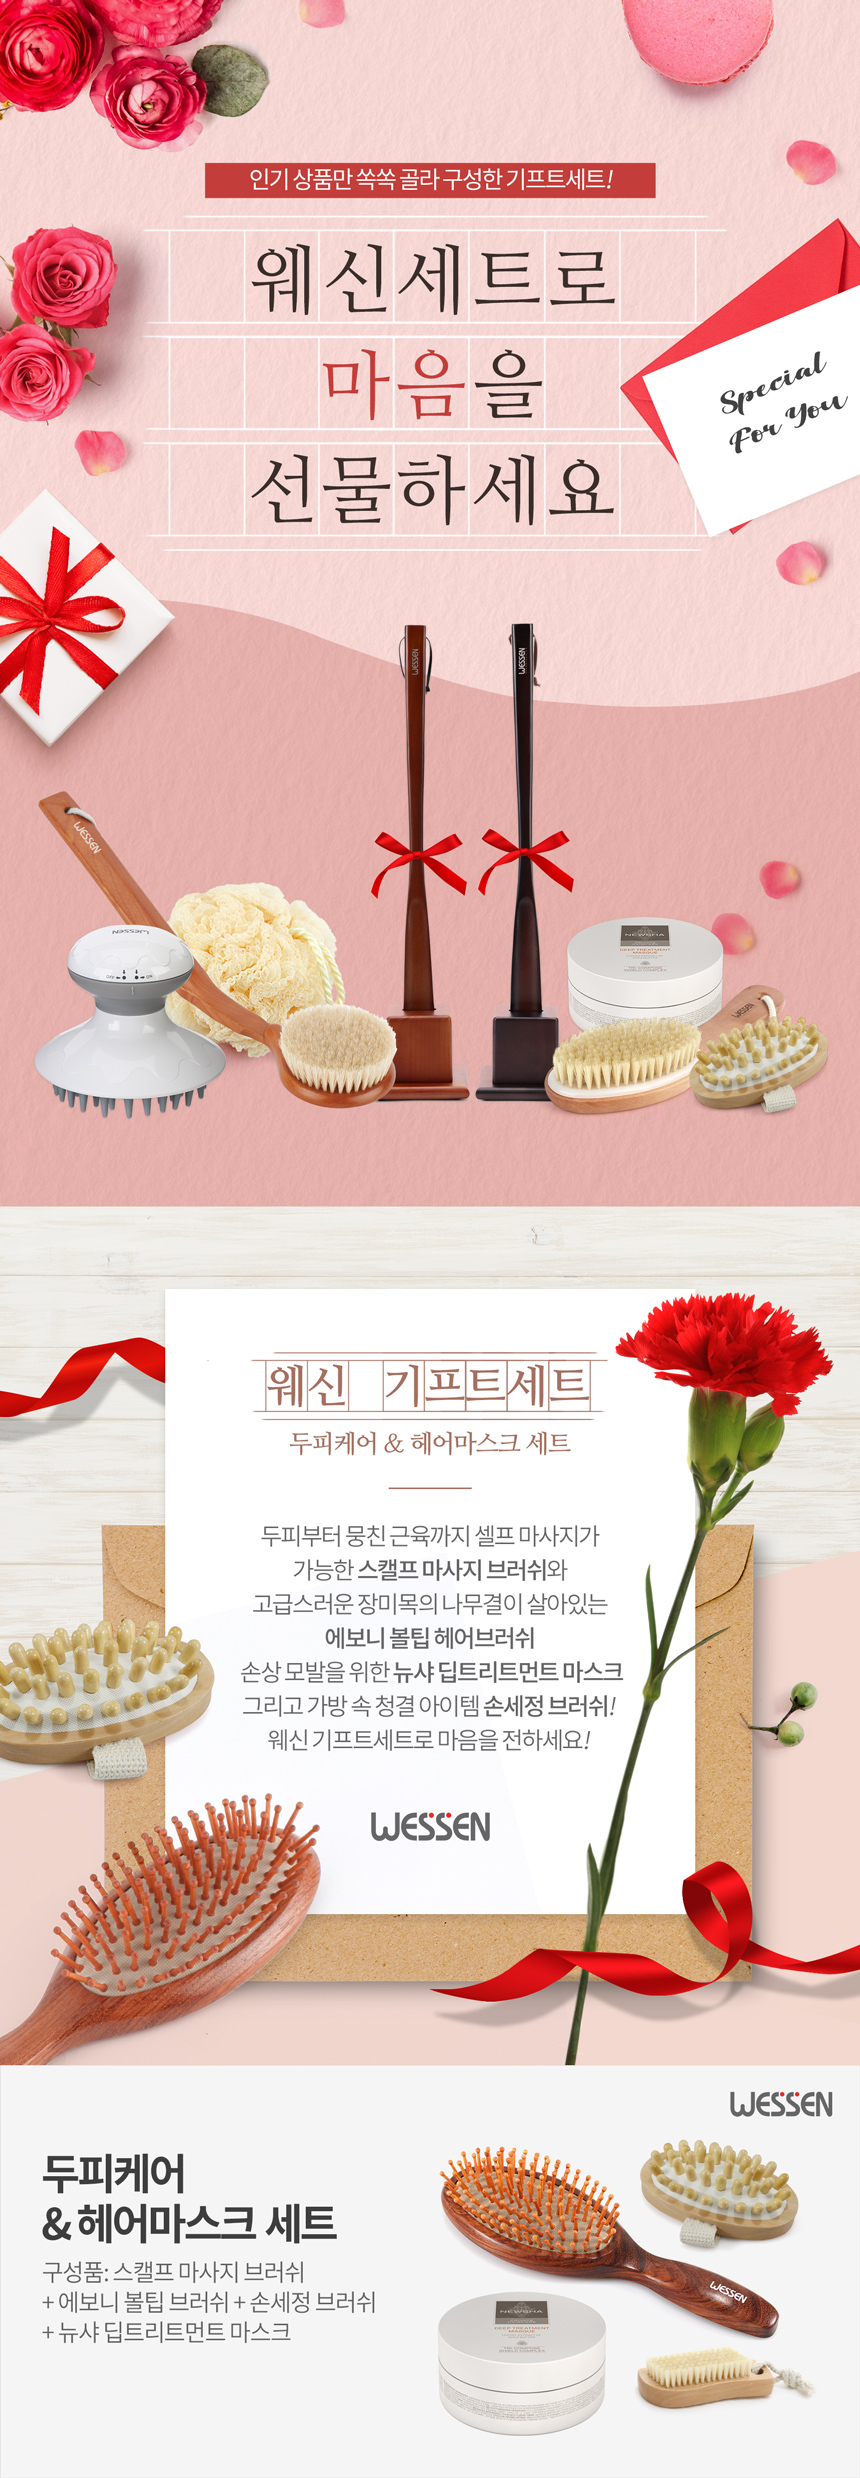 웨신 감사의 달 두피케어 헤어마스크 세트 - 웨신, 63,500원, 헤어케어, 헤어미용소품